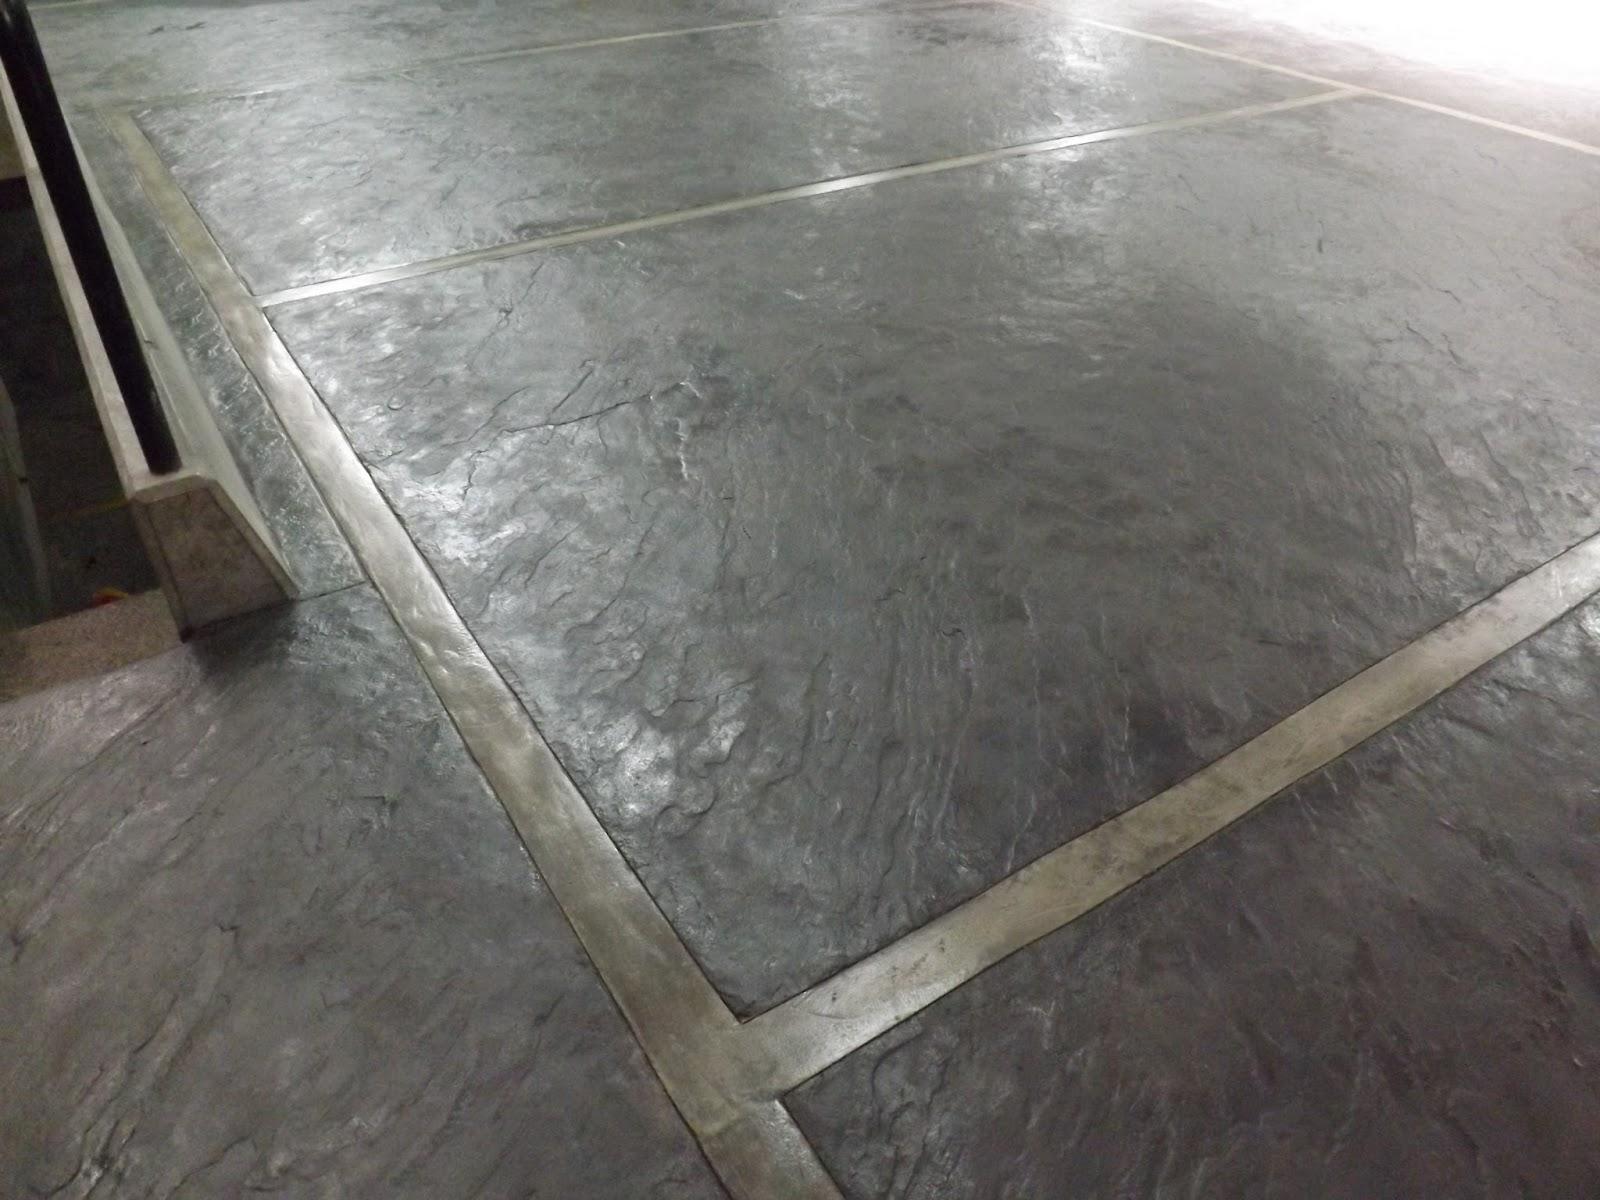 Oniria piso de estacionamiento de concreto estampado for Pisos para escaleras de concreto